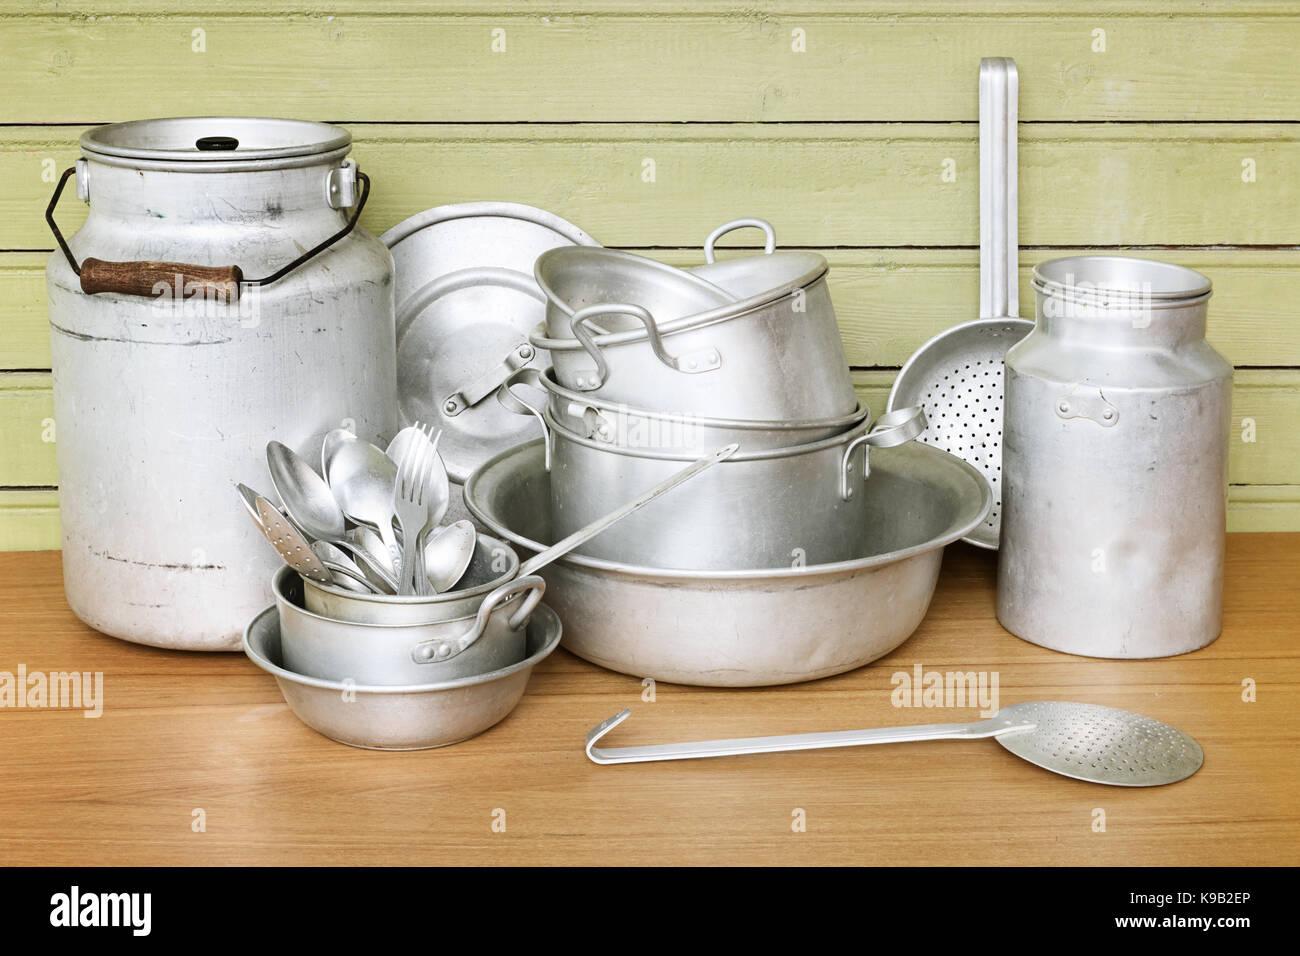 Alluminio vecchi utensili da cucina sono pentole, Gli scolapasta ...